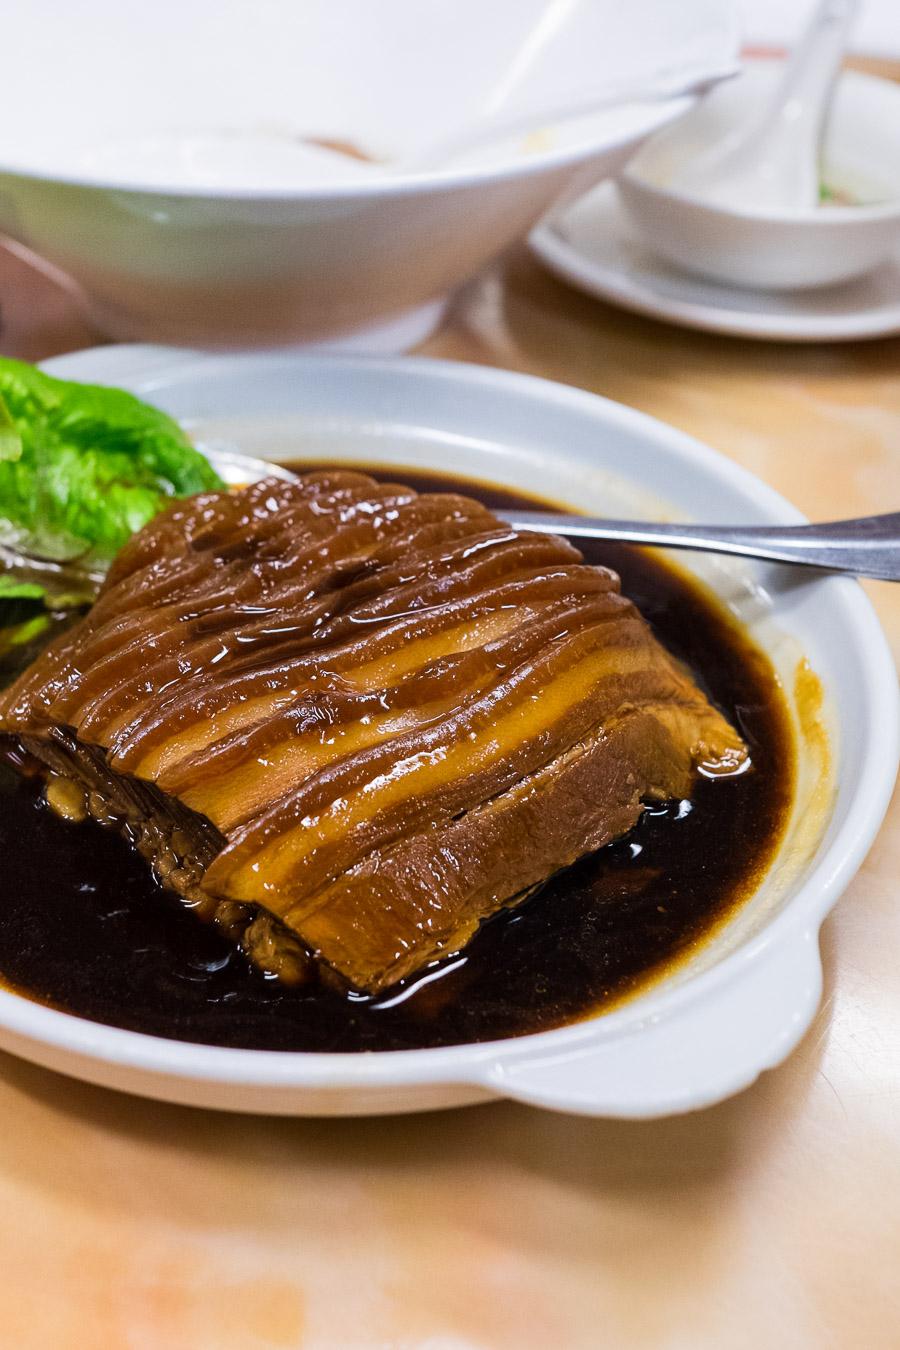 House special braised pork (AU$18)